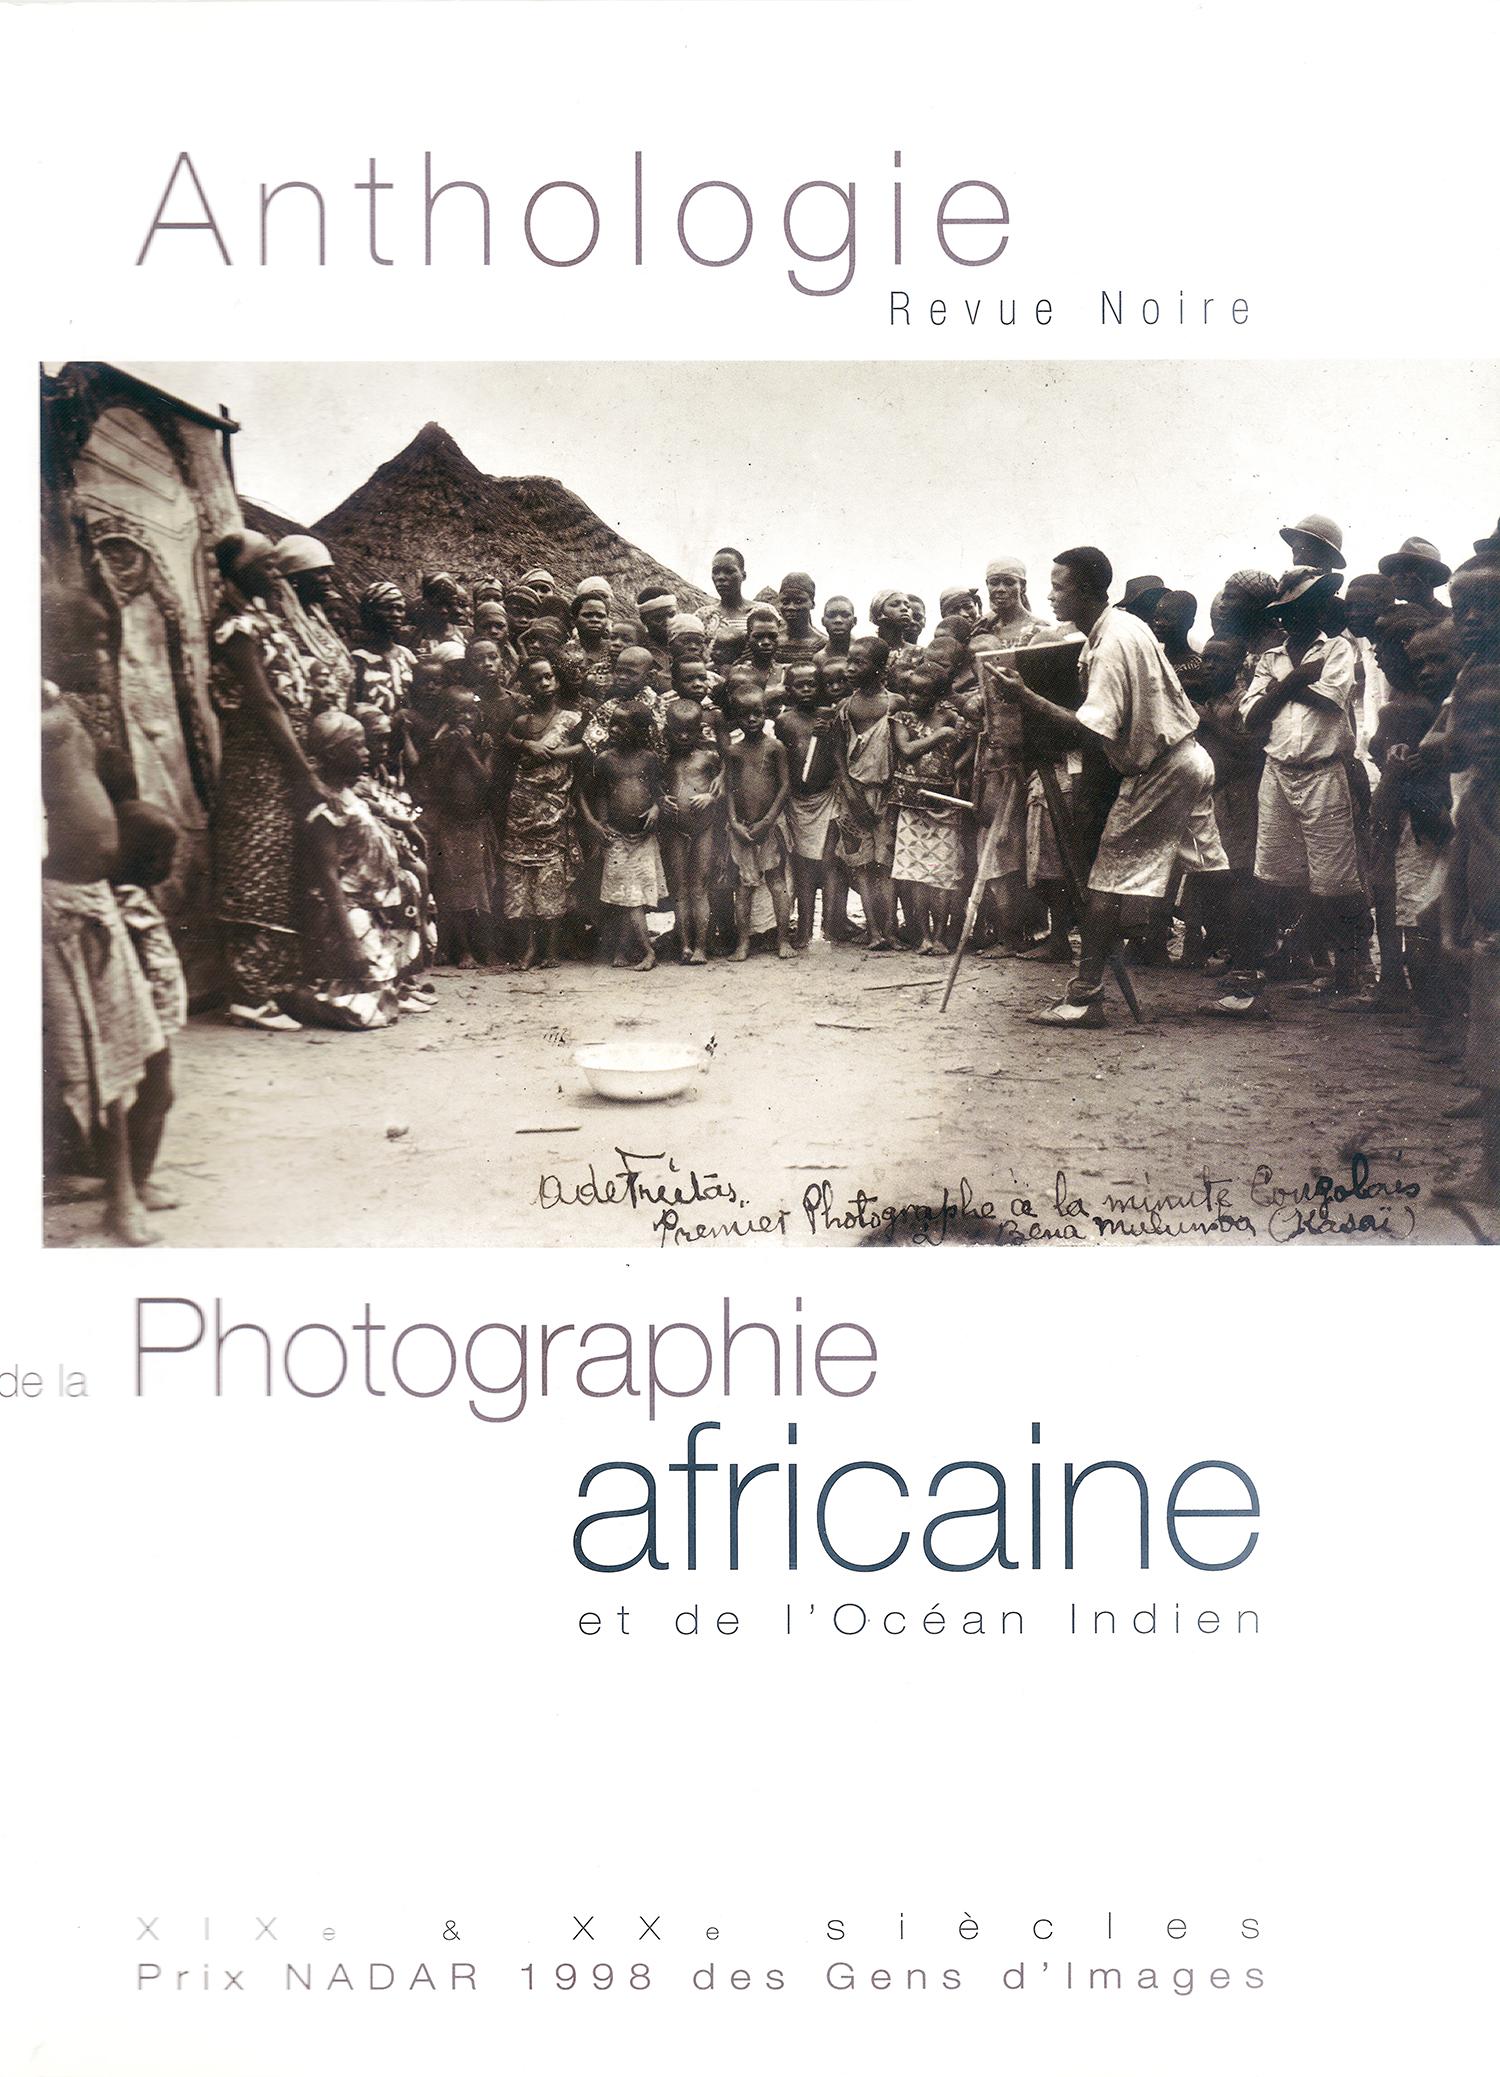 Livre 'Anthologie de la Photographie Africaine', Revue Noire 1998